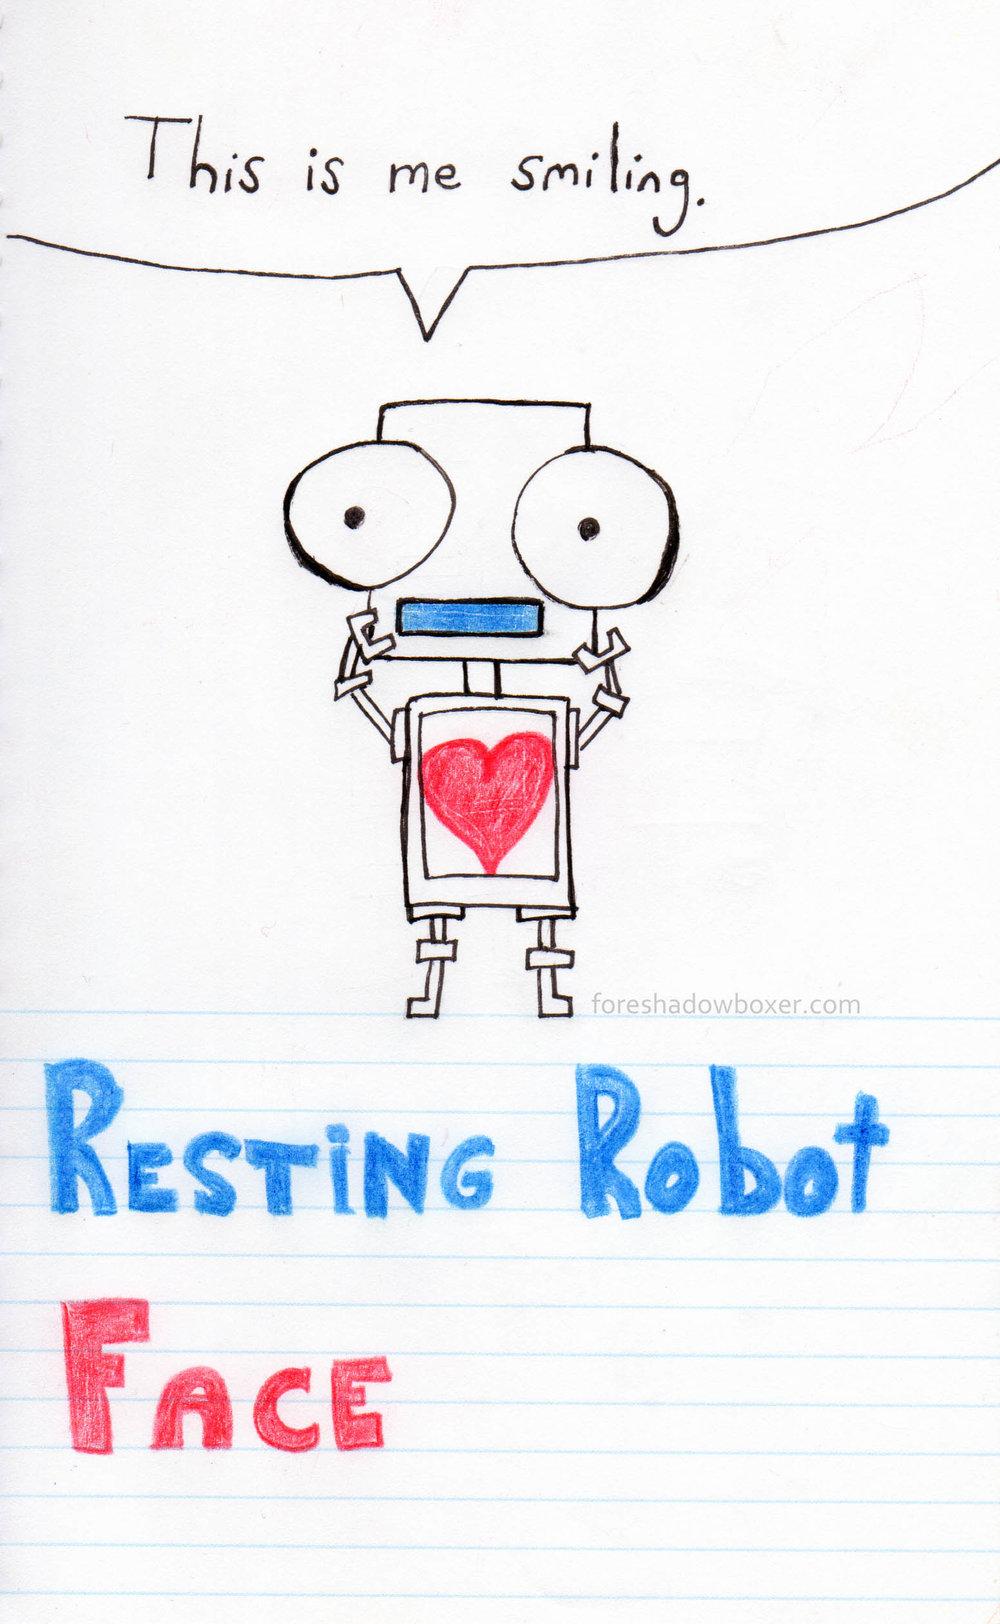 foreshadowboxerDOTcom_RestingRobotFace.jpg